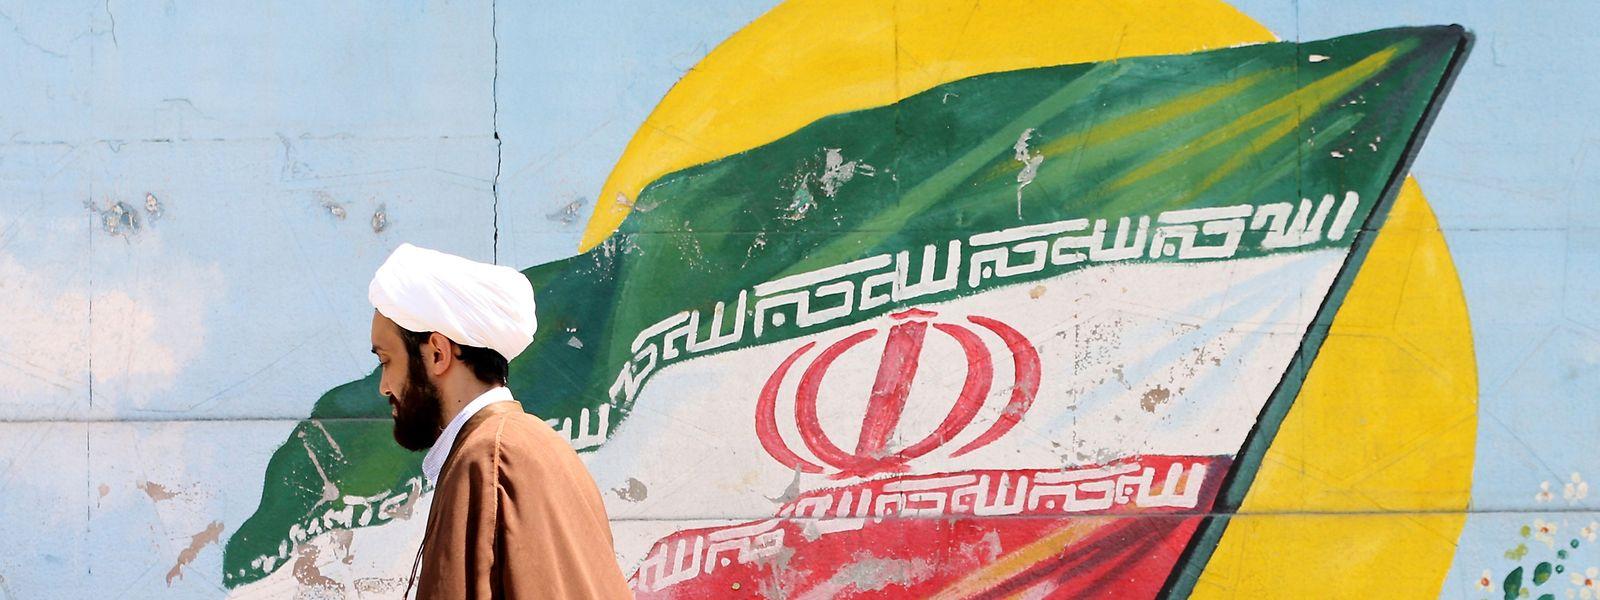 Der Iran erwartet vom Westen ein Entgegenkommen bei den Sanktionen.